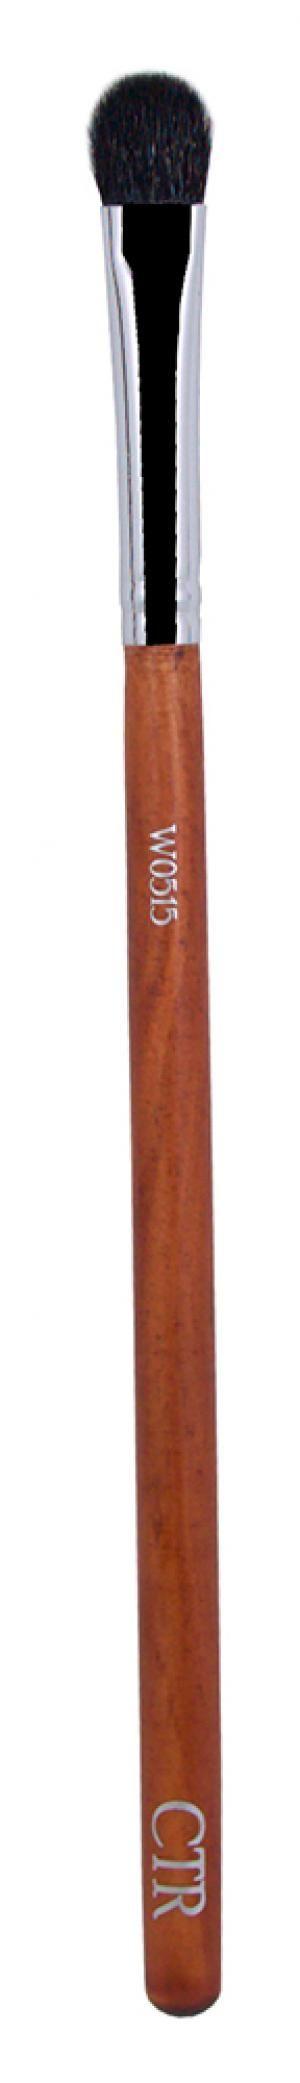 Кисть для теней ворс енота W0515 - 00-00011579